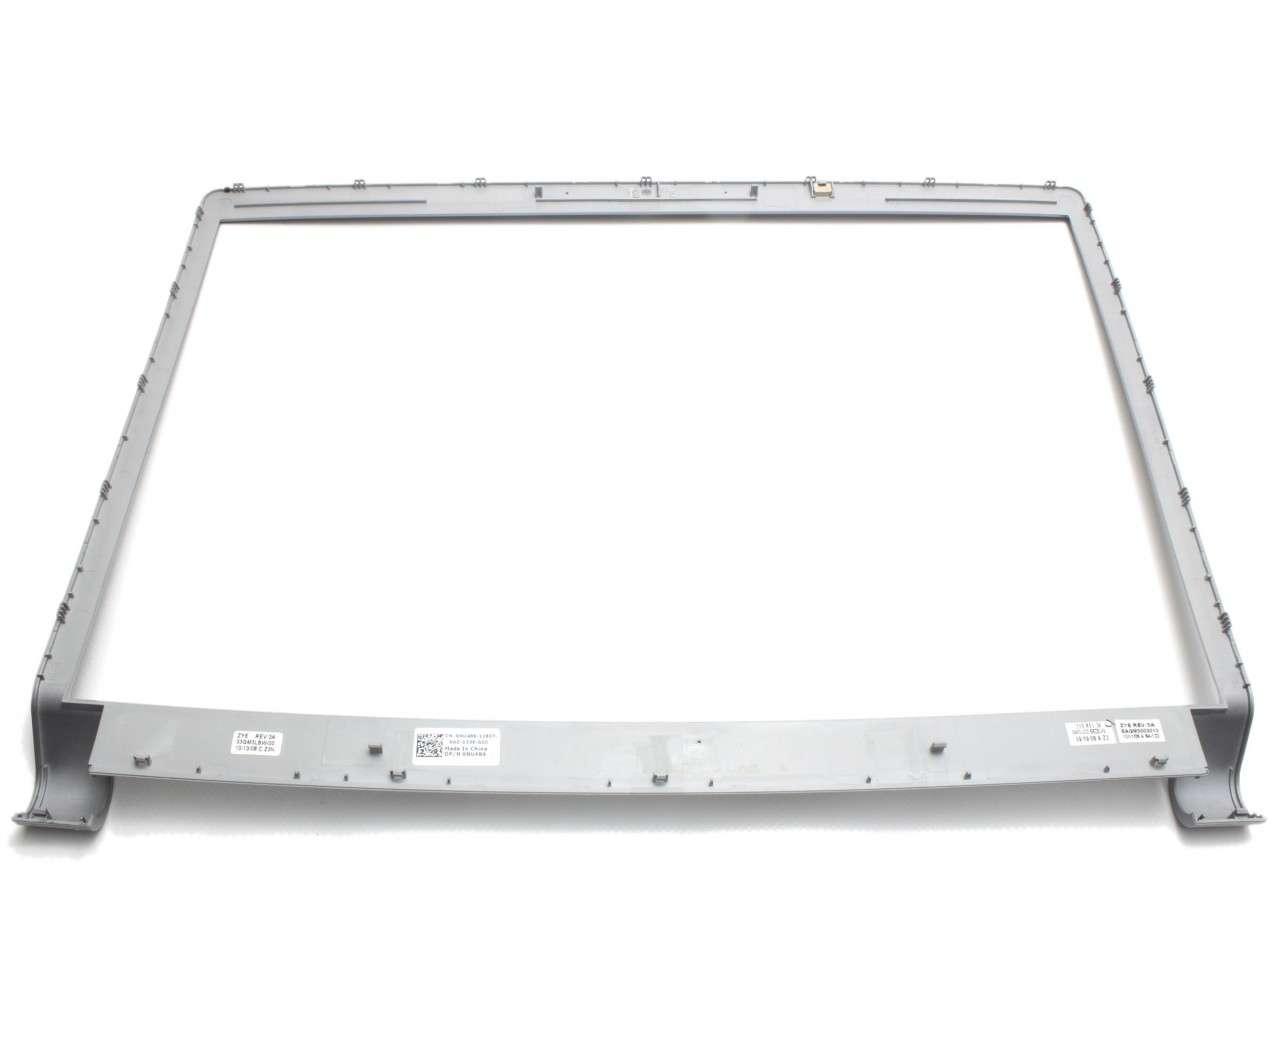 Rama Display Dell 0NU486 Bezel Front Cover Argintie imagine powerlaptop.ro 2021